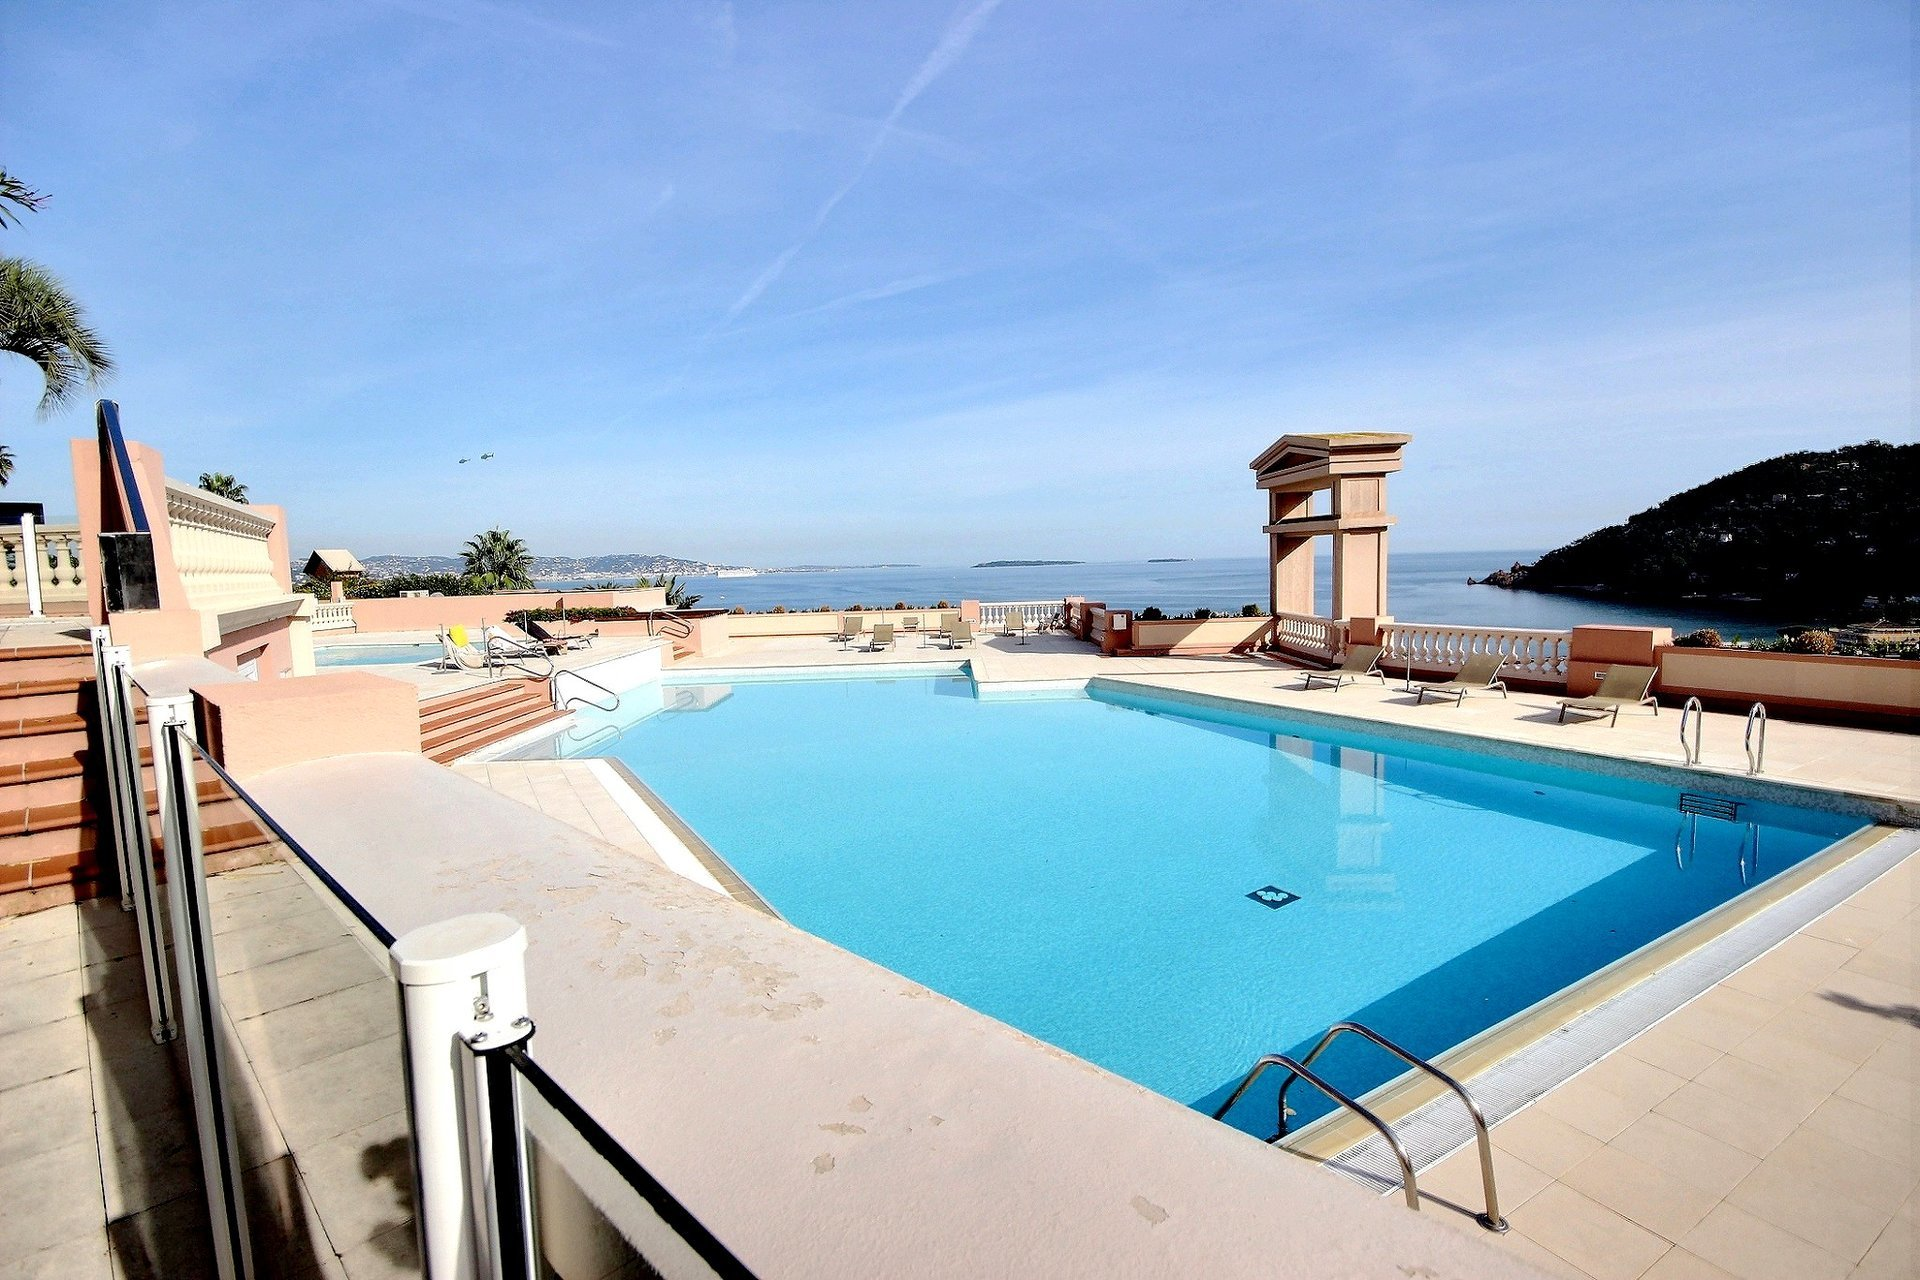 Försäljning Lägenhet - Théoule-sur-Mer